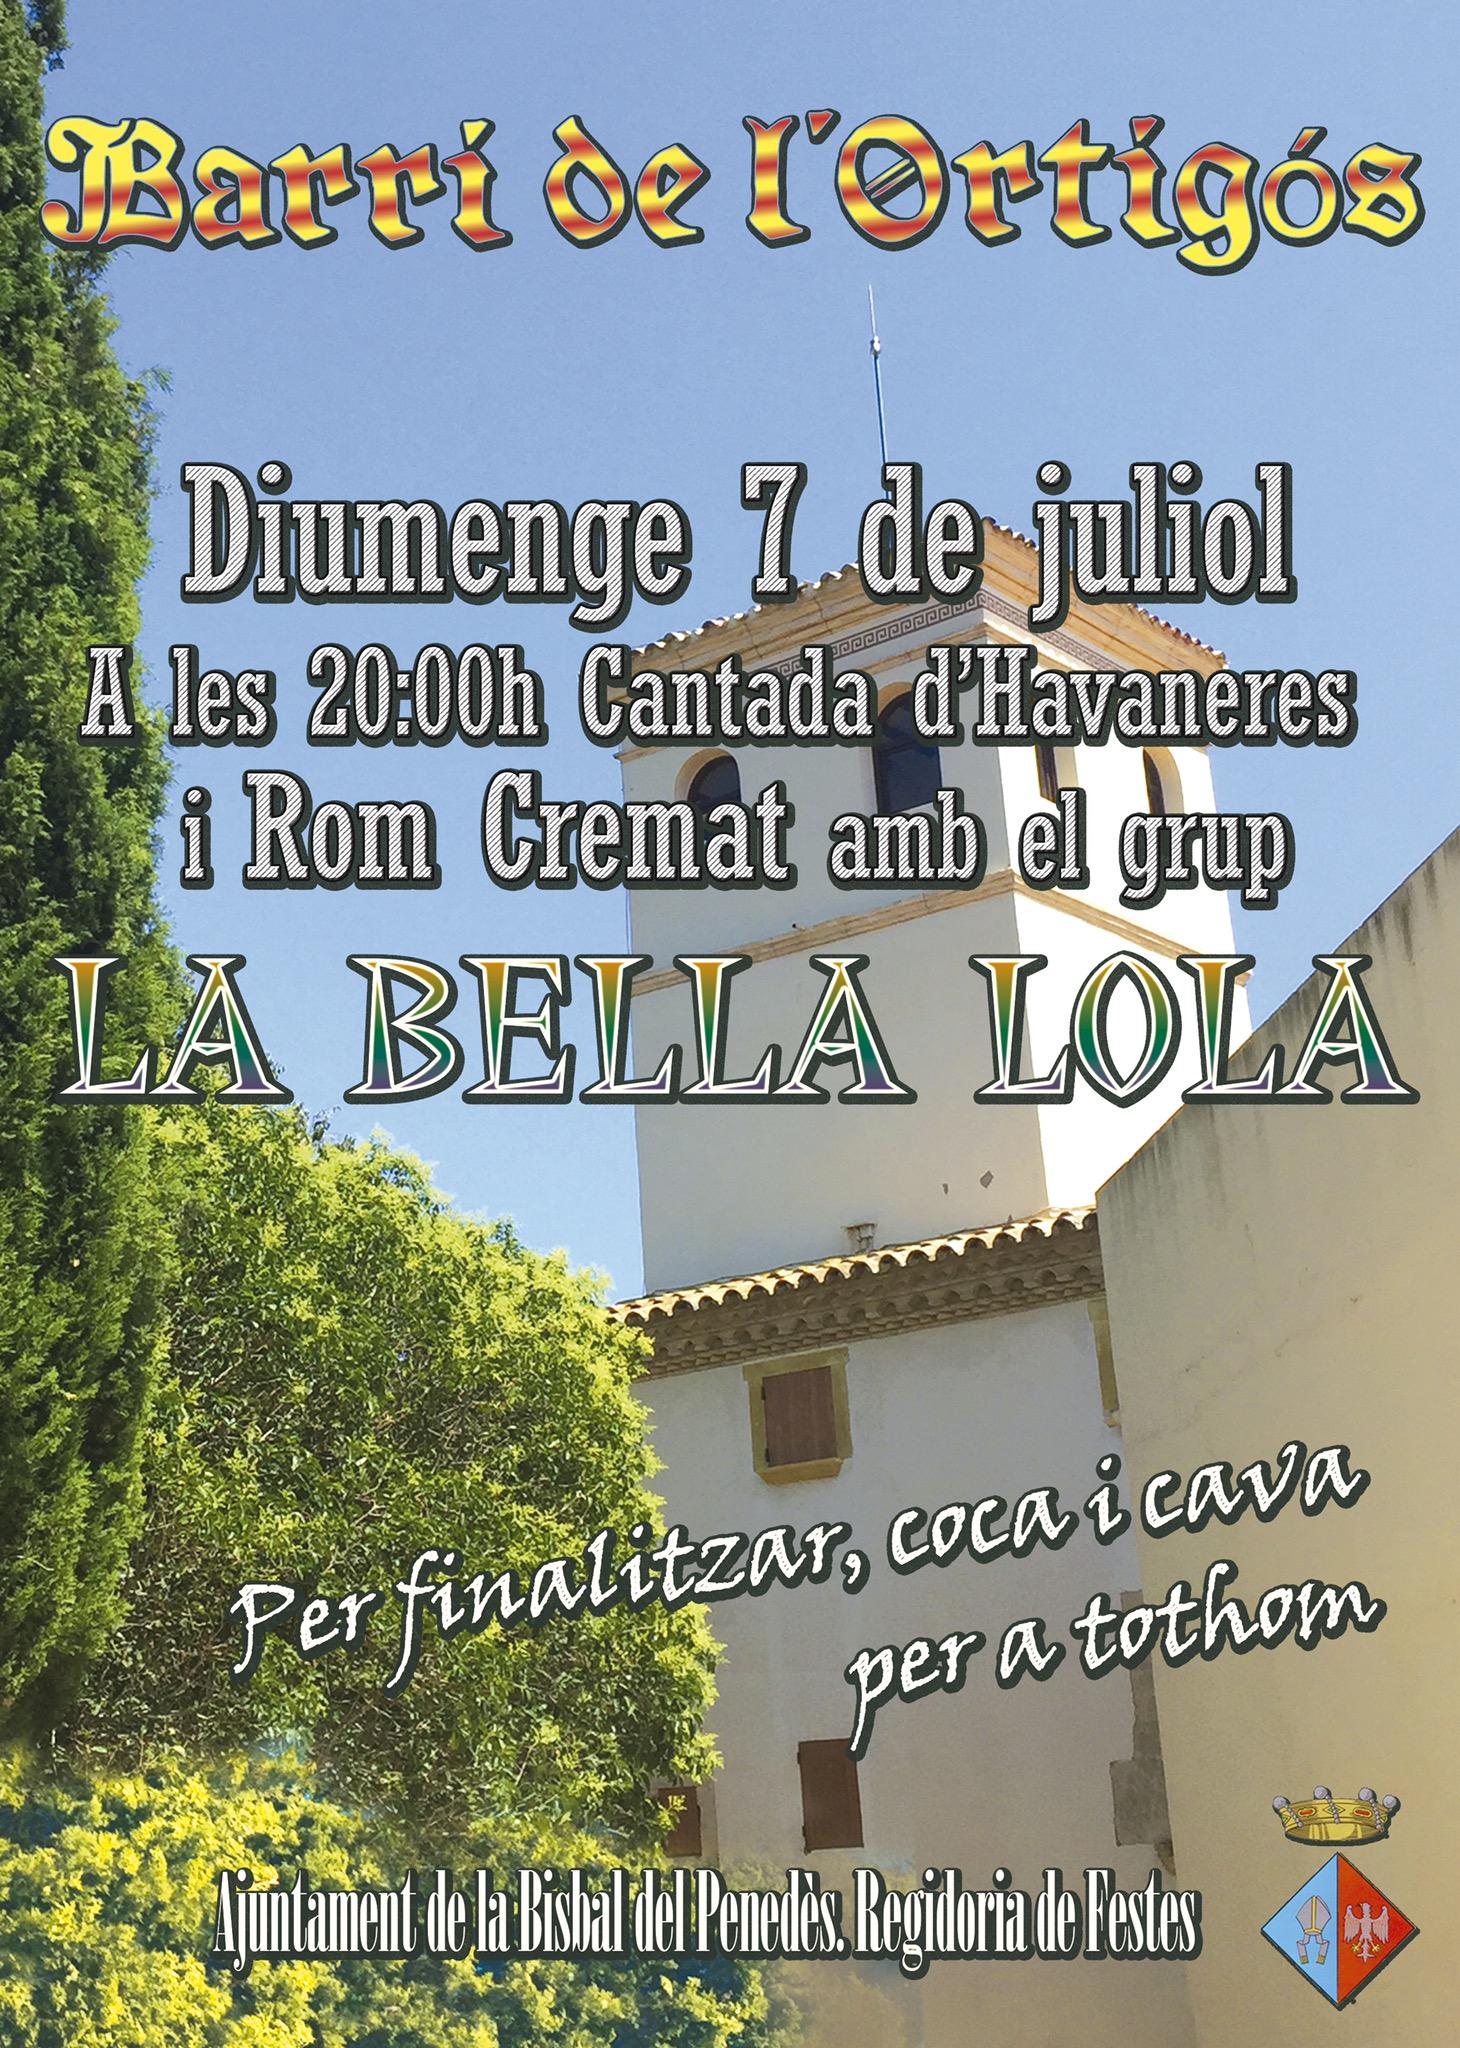 Aquest diumenge 7 de juliol hi haurà cantada d'havaneres a L'Ortigós